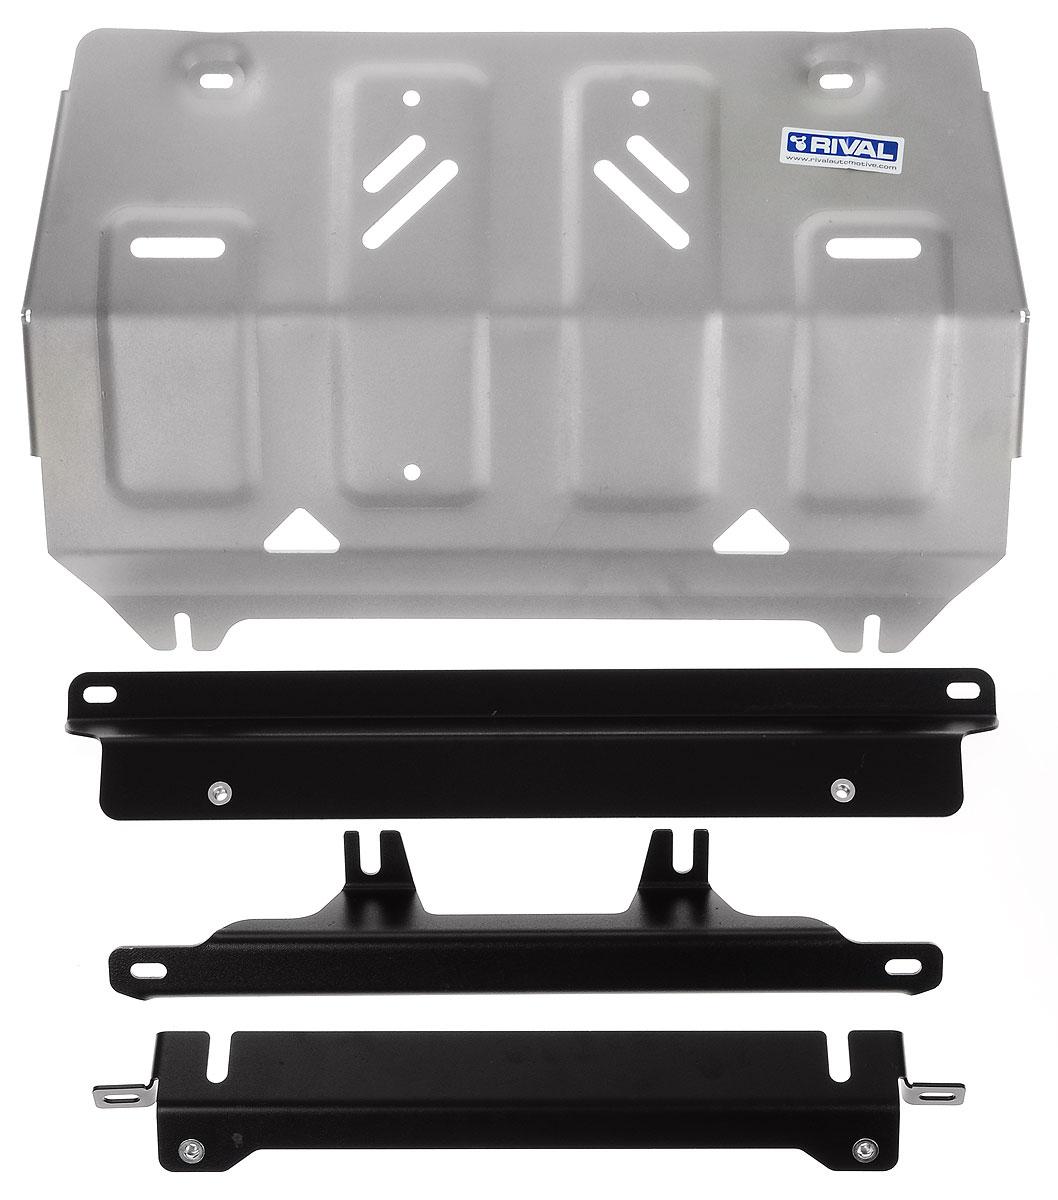 Защита картера Rival, для Mitsubishi L200. 333.4040.1333.4040.1Защита радиатора для Mitsubishi L200 4WD , V - 2,4DID; 2,4DID H.P. 2015-, крепеж в комплекте, алюминий 4 мм, Rival. Надежно защищают днище вашего автомобиля от повреждений, например при наезде на бордюры, а также выполняют эстетическую функцию при установке на высокие автомобили. - Толщина алюминиевых защит в 2 раза толще стальных, а вес при этом меньше до 30%. - Отлично отводит тепло от двигателя своей поверхностью, что спасает двигатель от перегрева в летний период или при высоких нагрузках. - В отличие от стальных, алюминиевые защиты не поддаются коррозии, что гарантирует срок службы защит более 5 лет. - Покрываются порошковой краской, что надолго сохраняет первоначальный вид новой защиты и защищает от гальванической коррозии. - Глубокий штамп дополнительно усиливает конструкцию защиты. - Подштамповка в местах крепления защищает крепеж от срезания. - Технологические отверстия там, где они необходимы для смены...